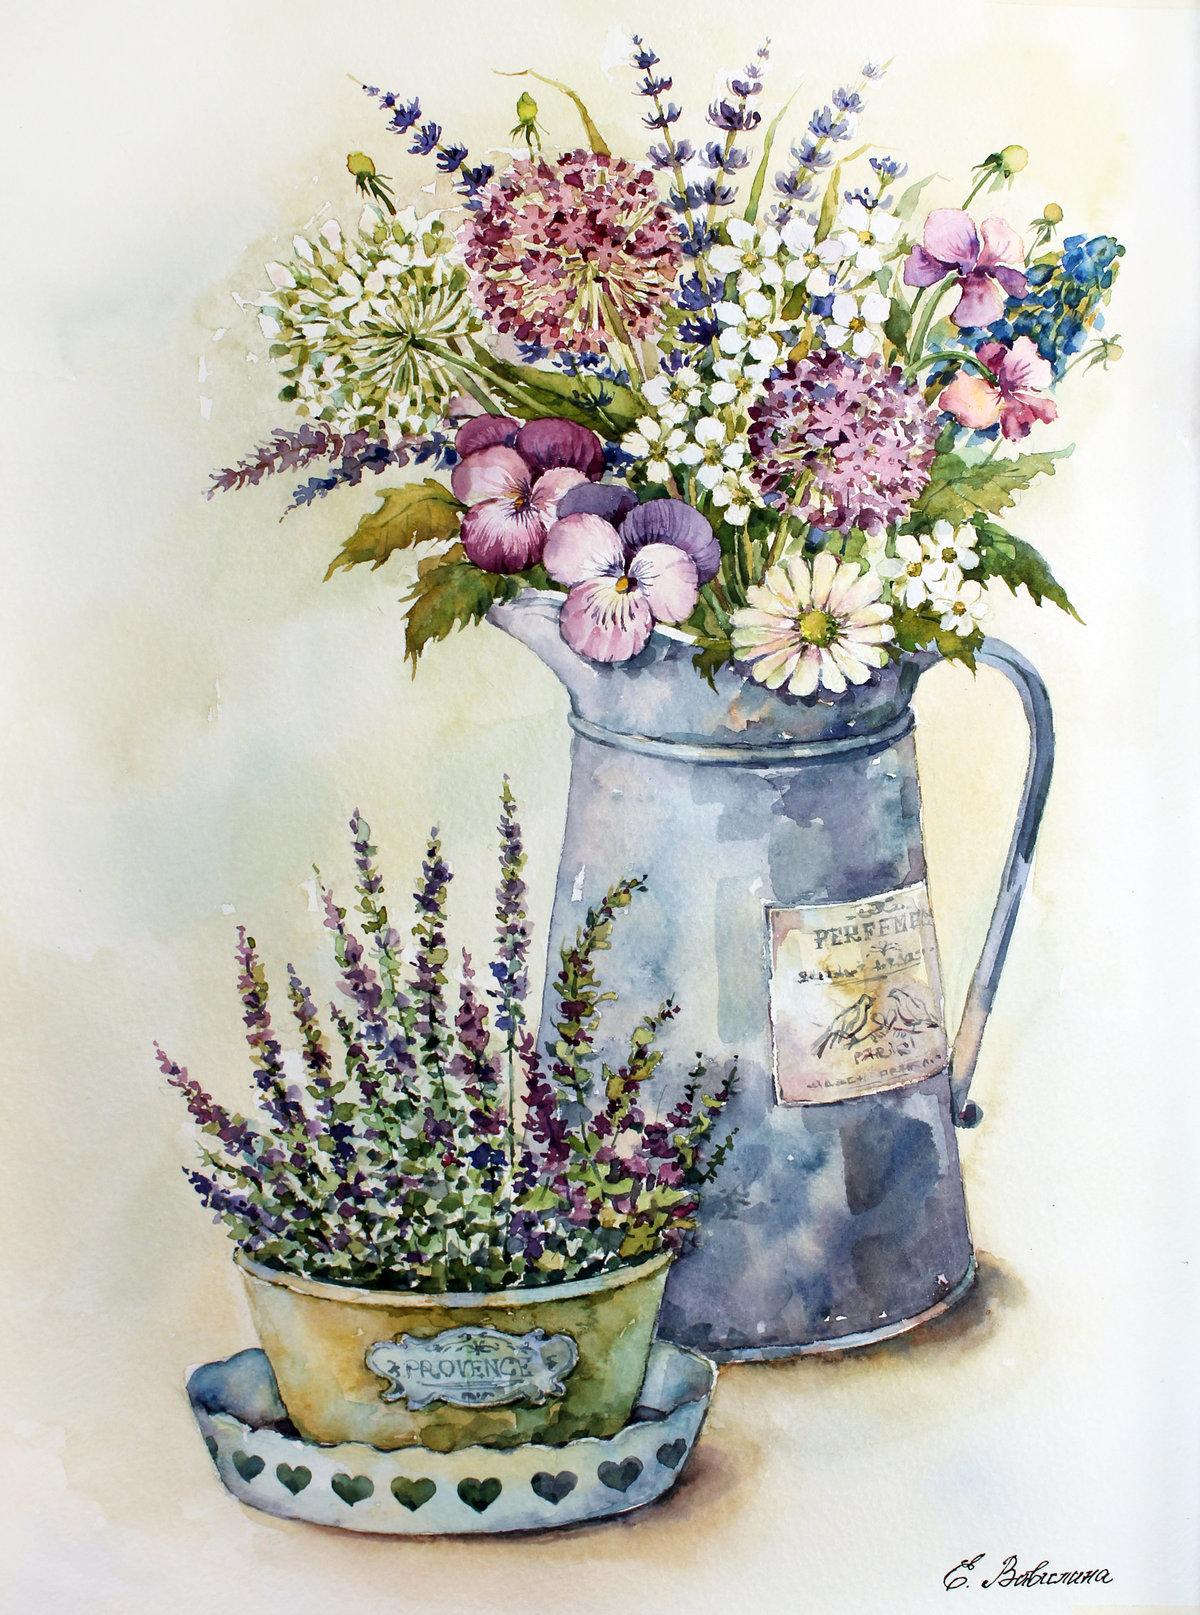 Картинки с цветами в стиле прованс, убрать надписи